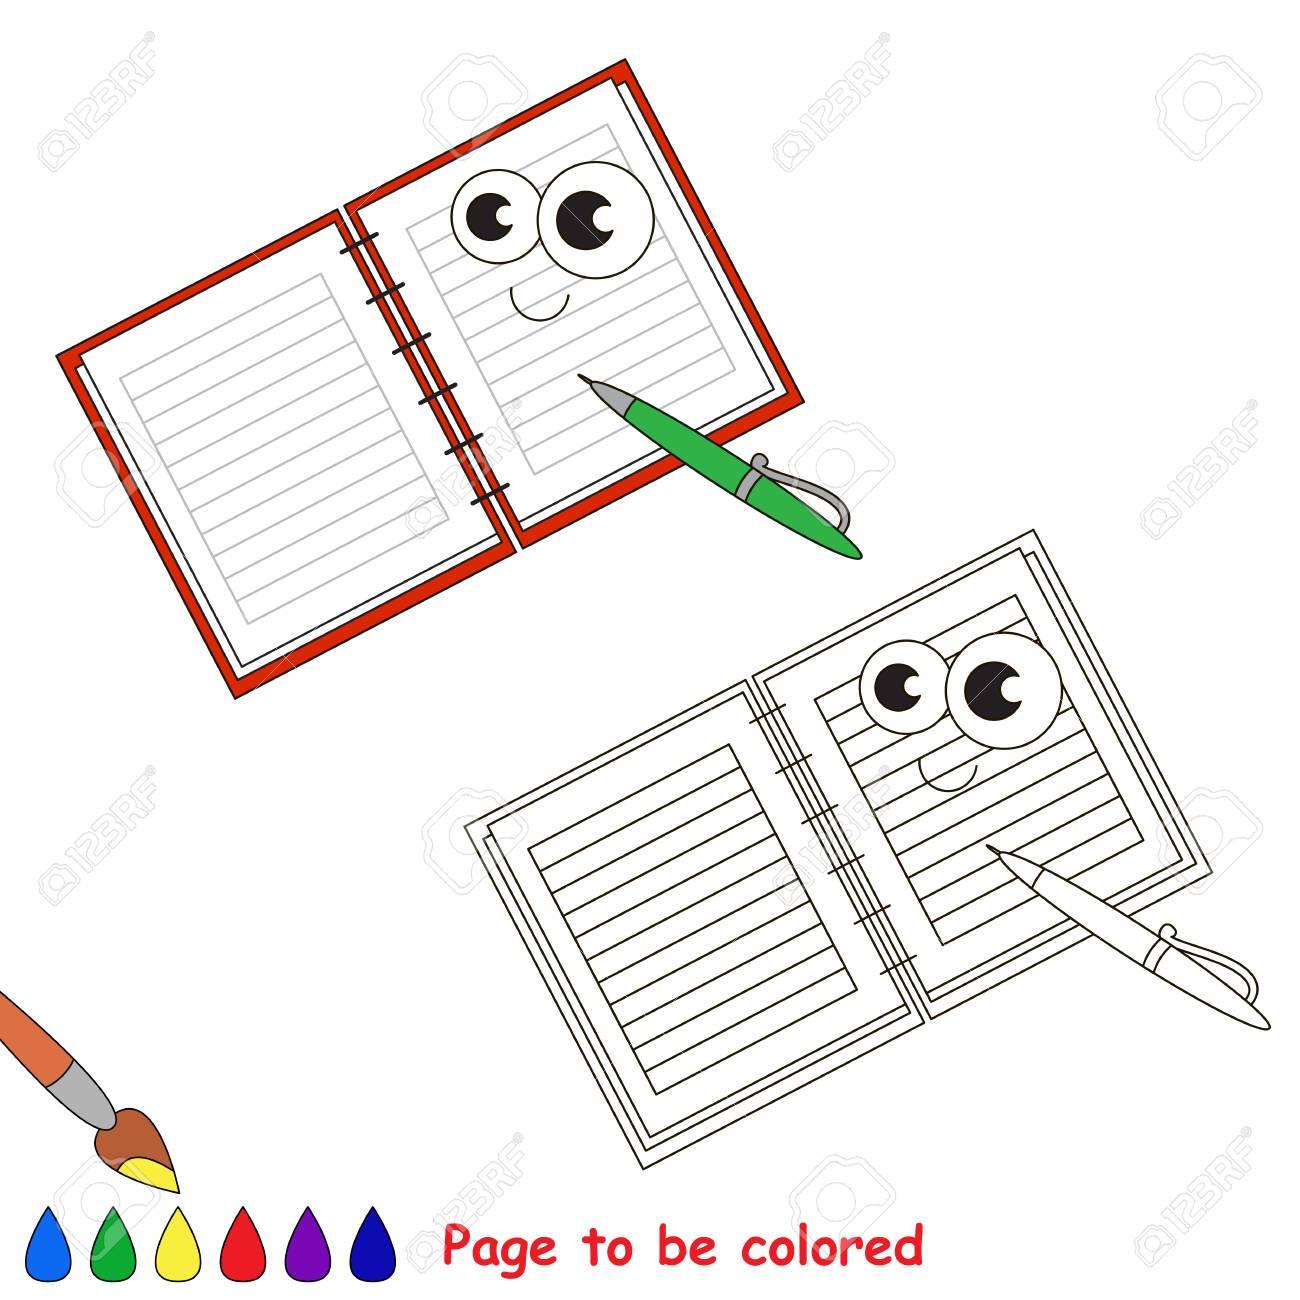 Schreibheft Mit Zu Farbendem Stift Malbuch Um Kinder Zu Erziehen